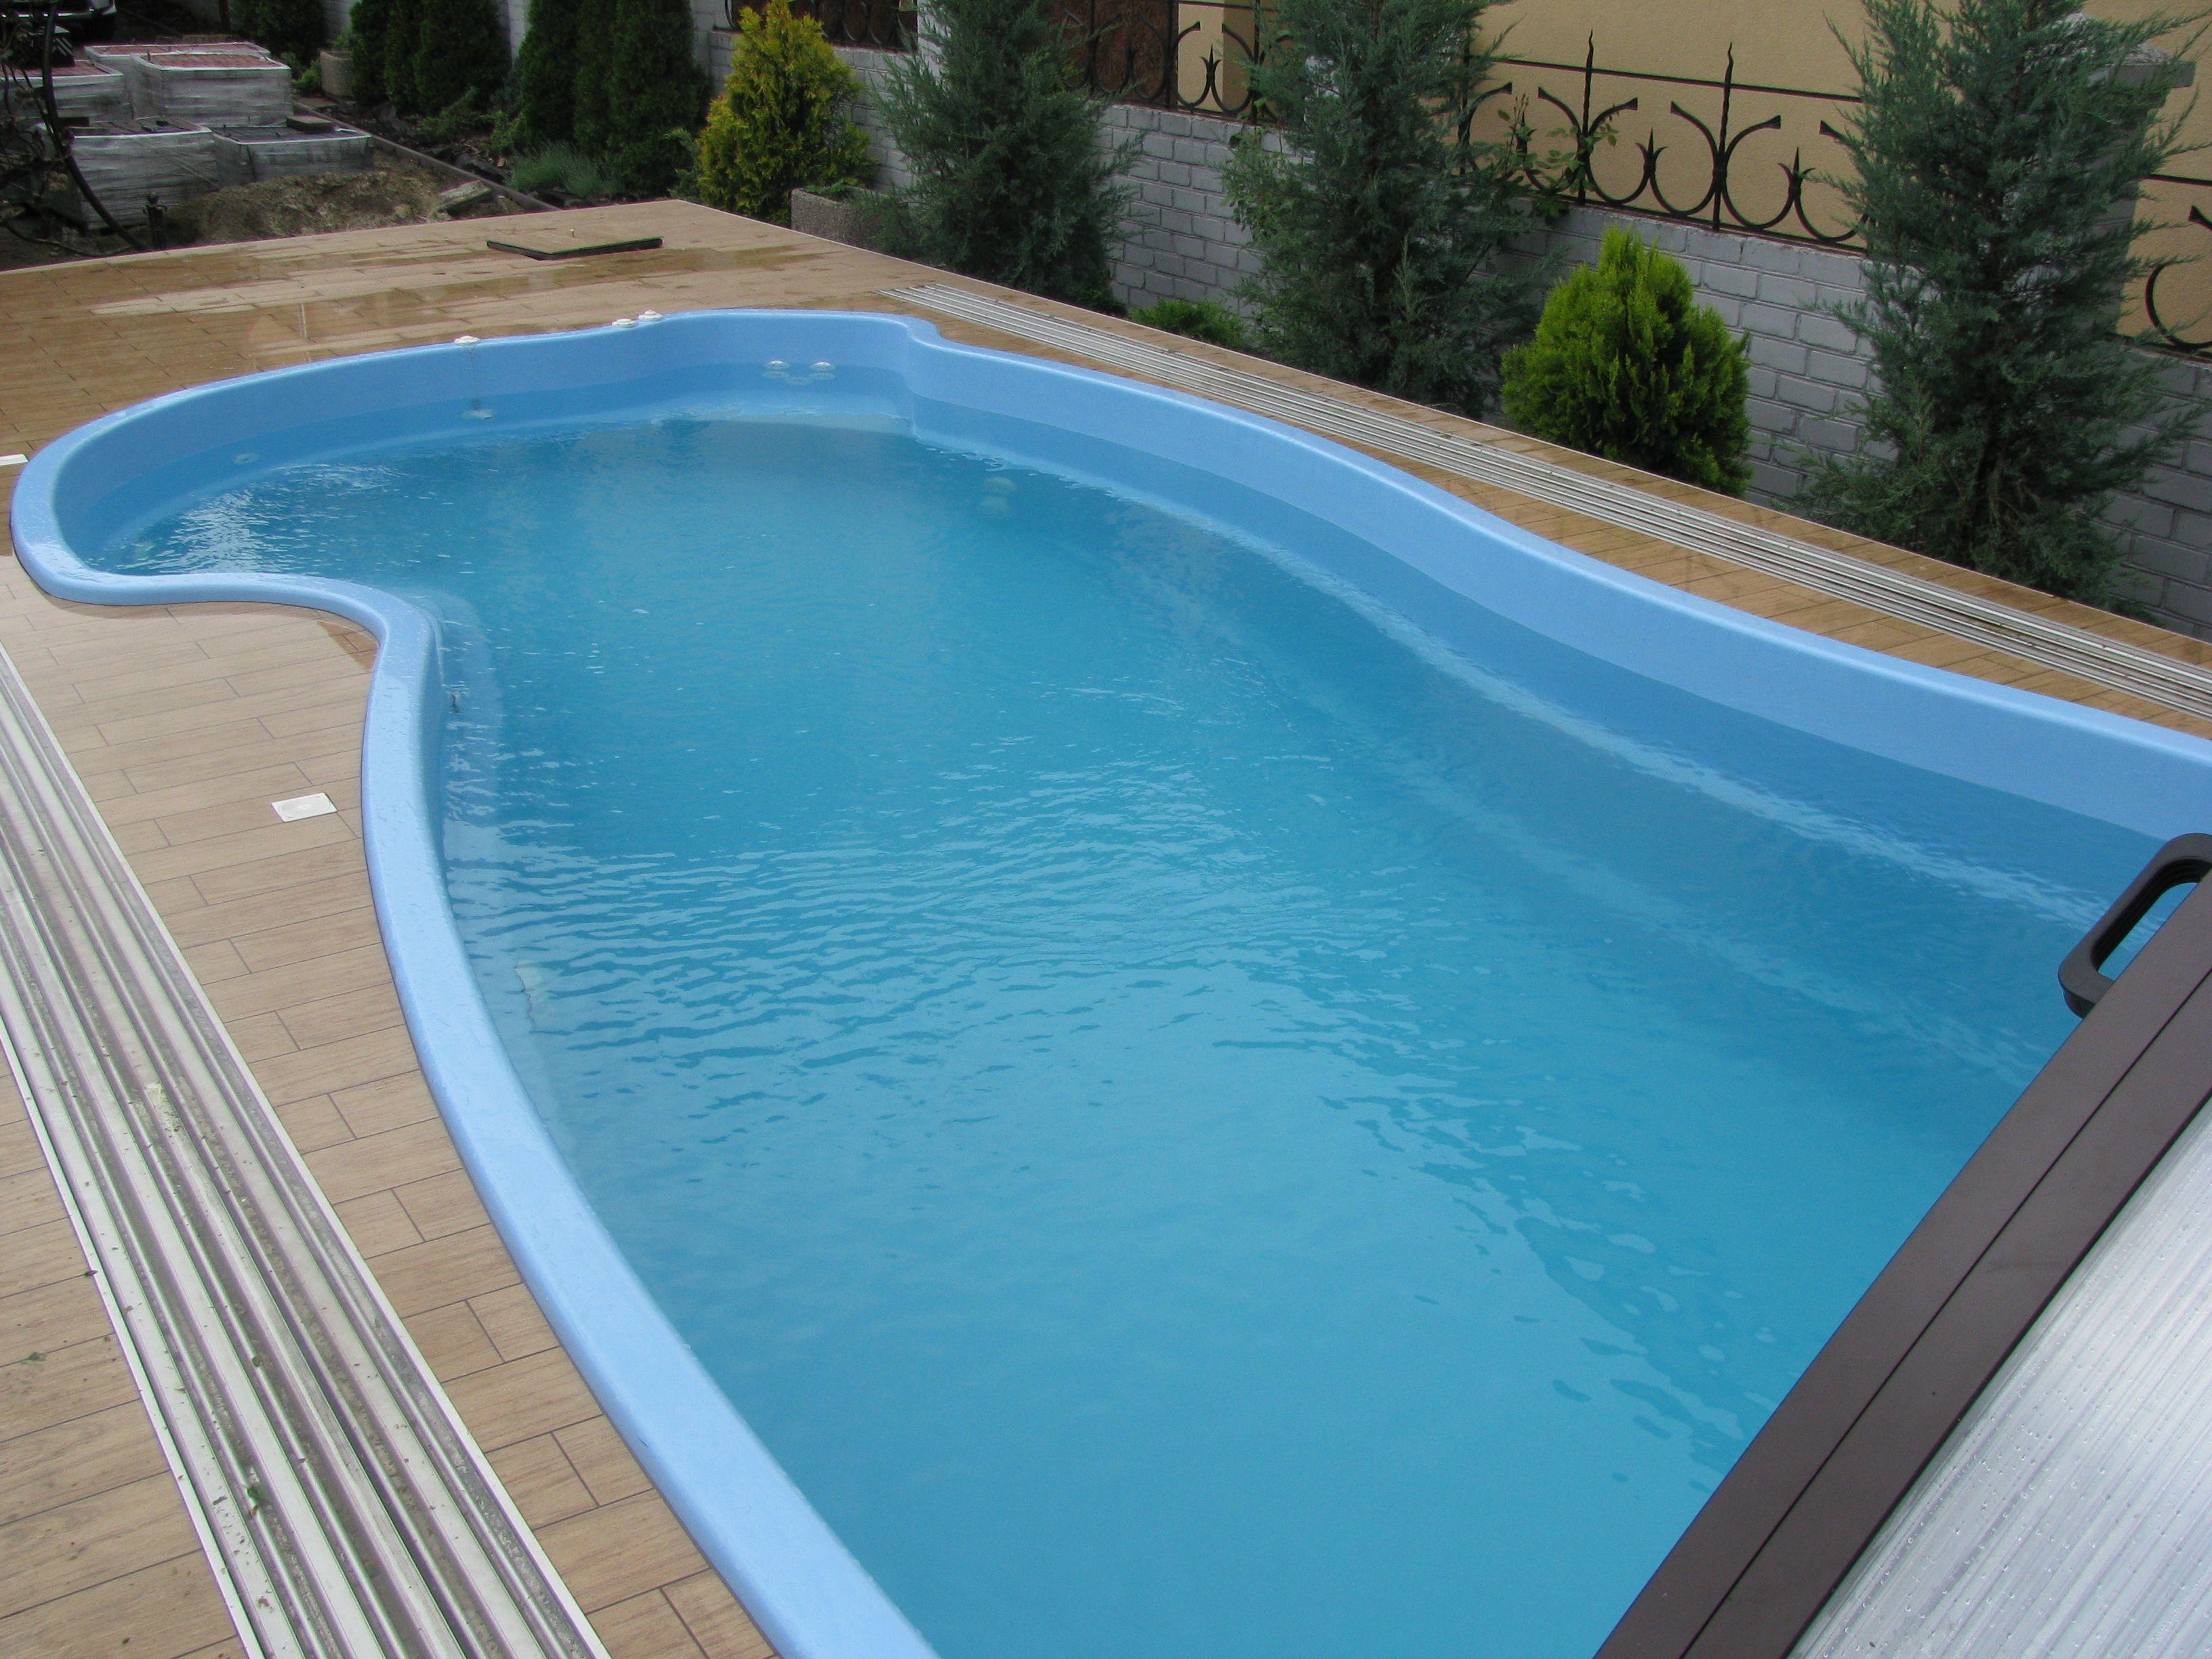 Пластиковый бассейн. Как выбрать бассейн для дачи?